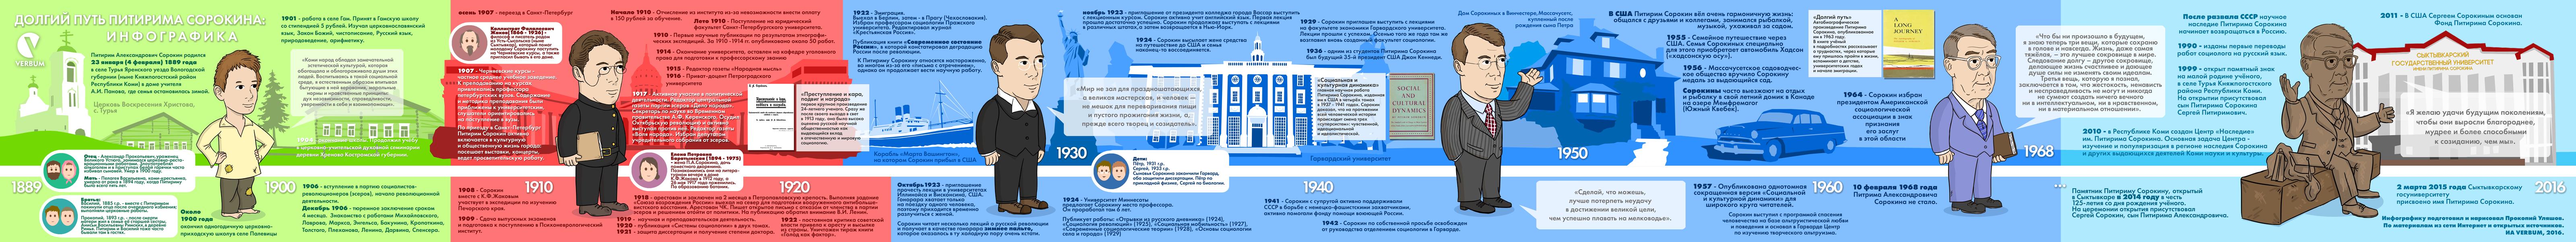 Pitirim Infographic3